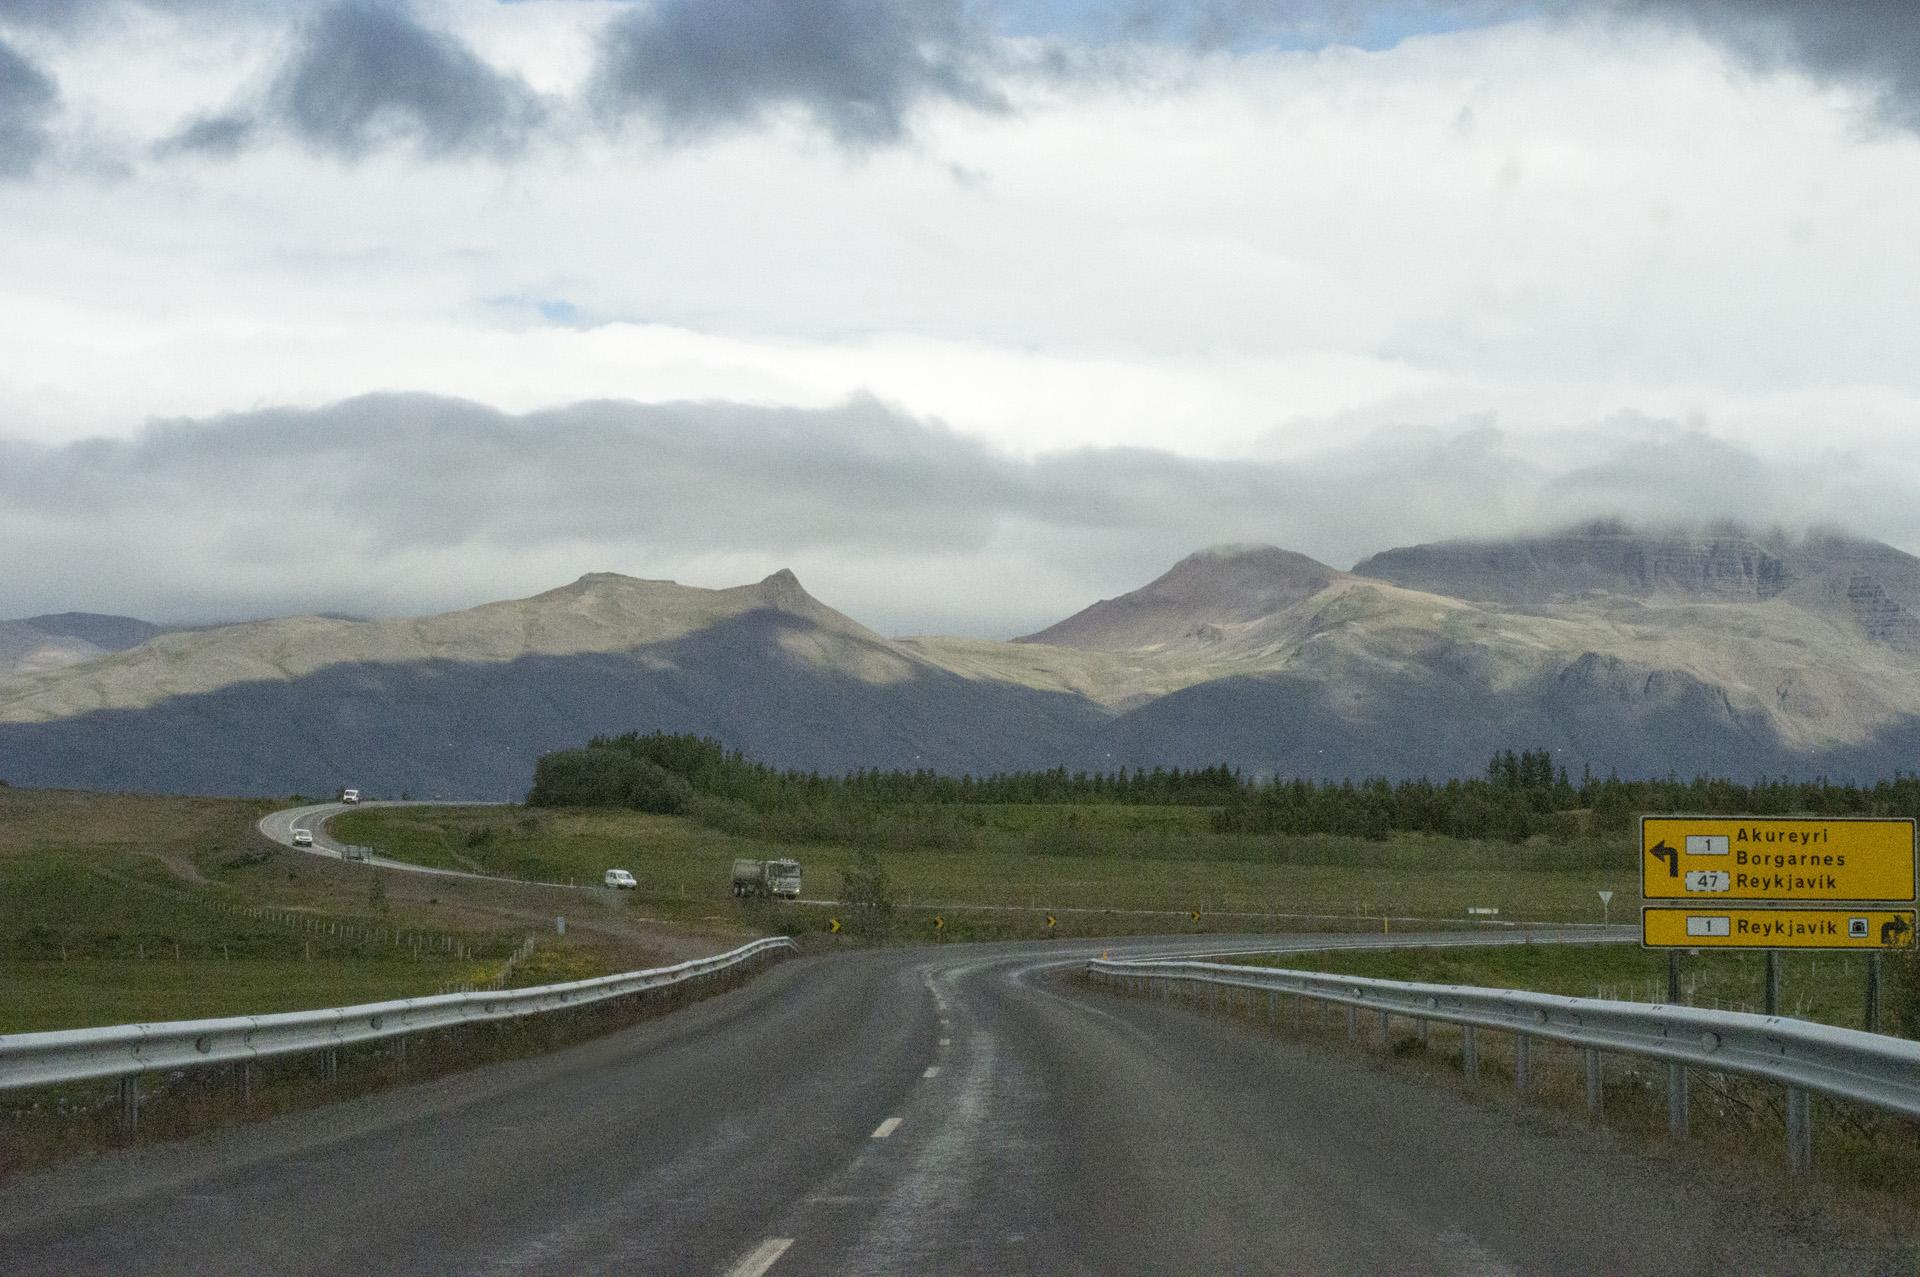 Rural intersection in Vesturland region, Iceland.